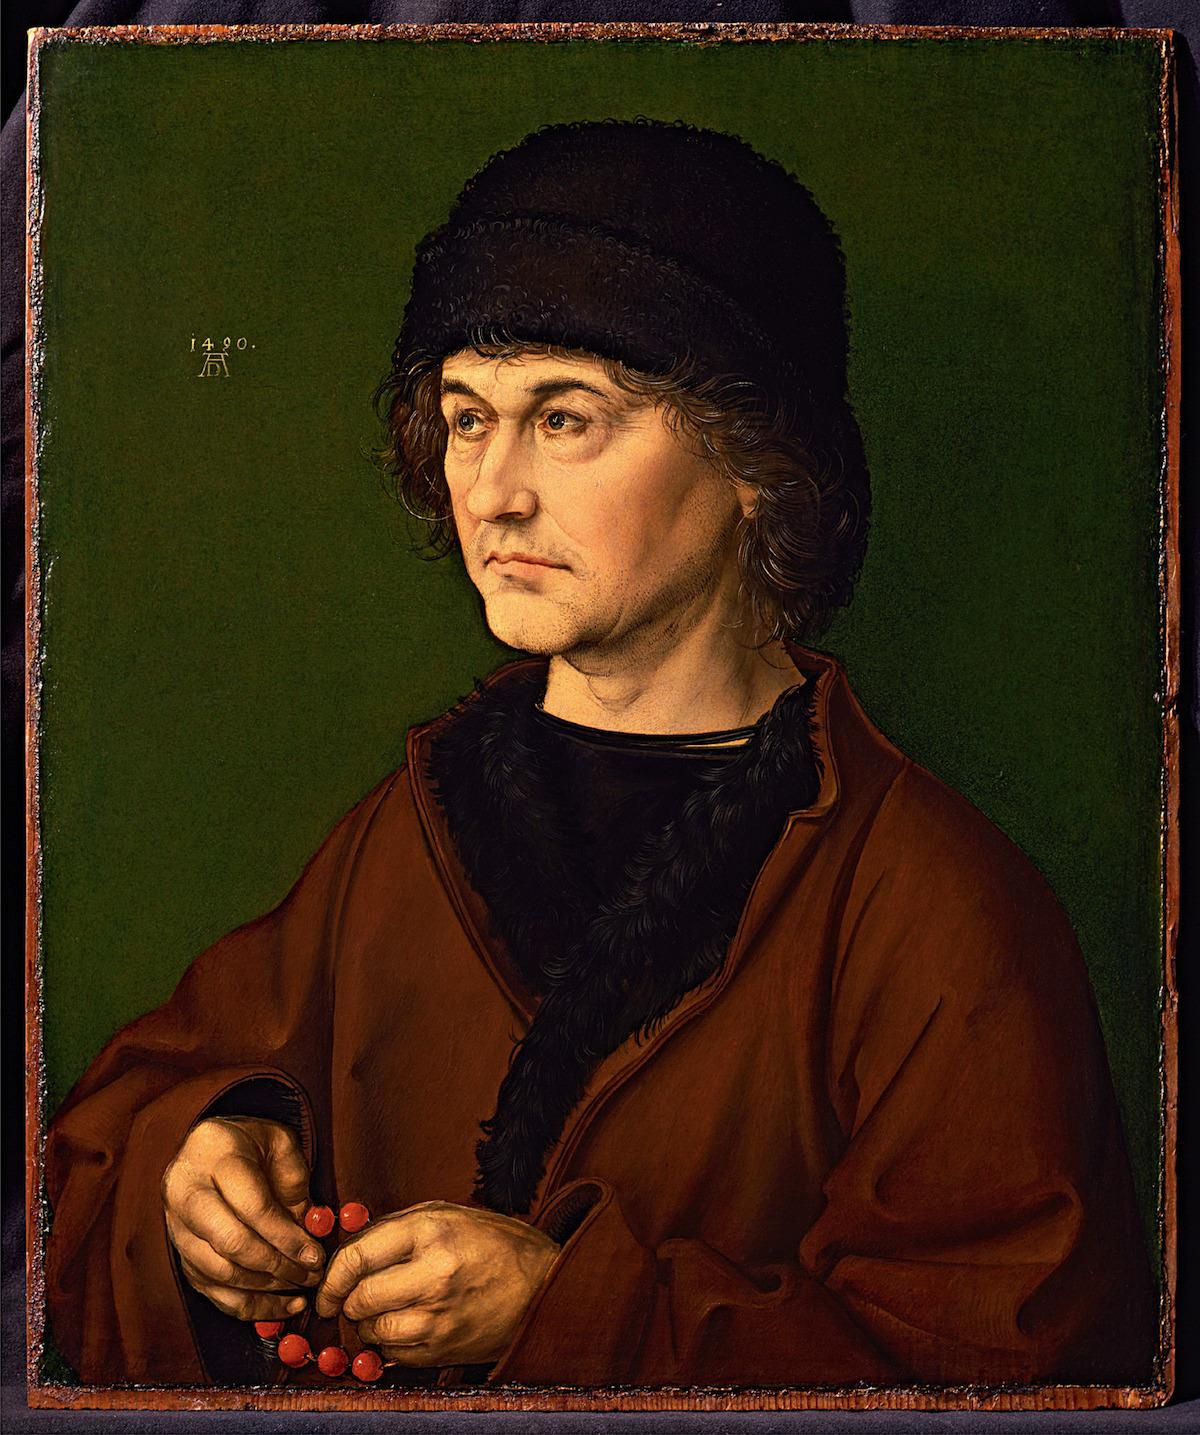 Albrecht Dürer Ritratto di Albrecht Dürer il vecchio 1490